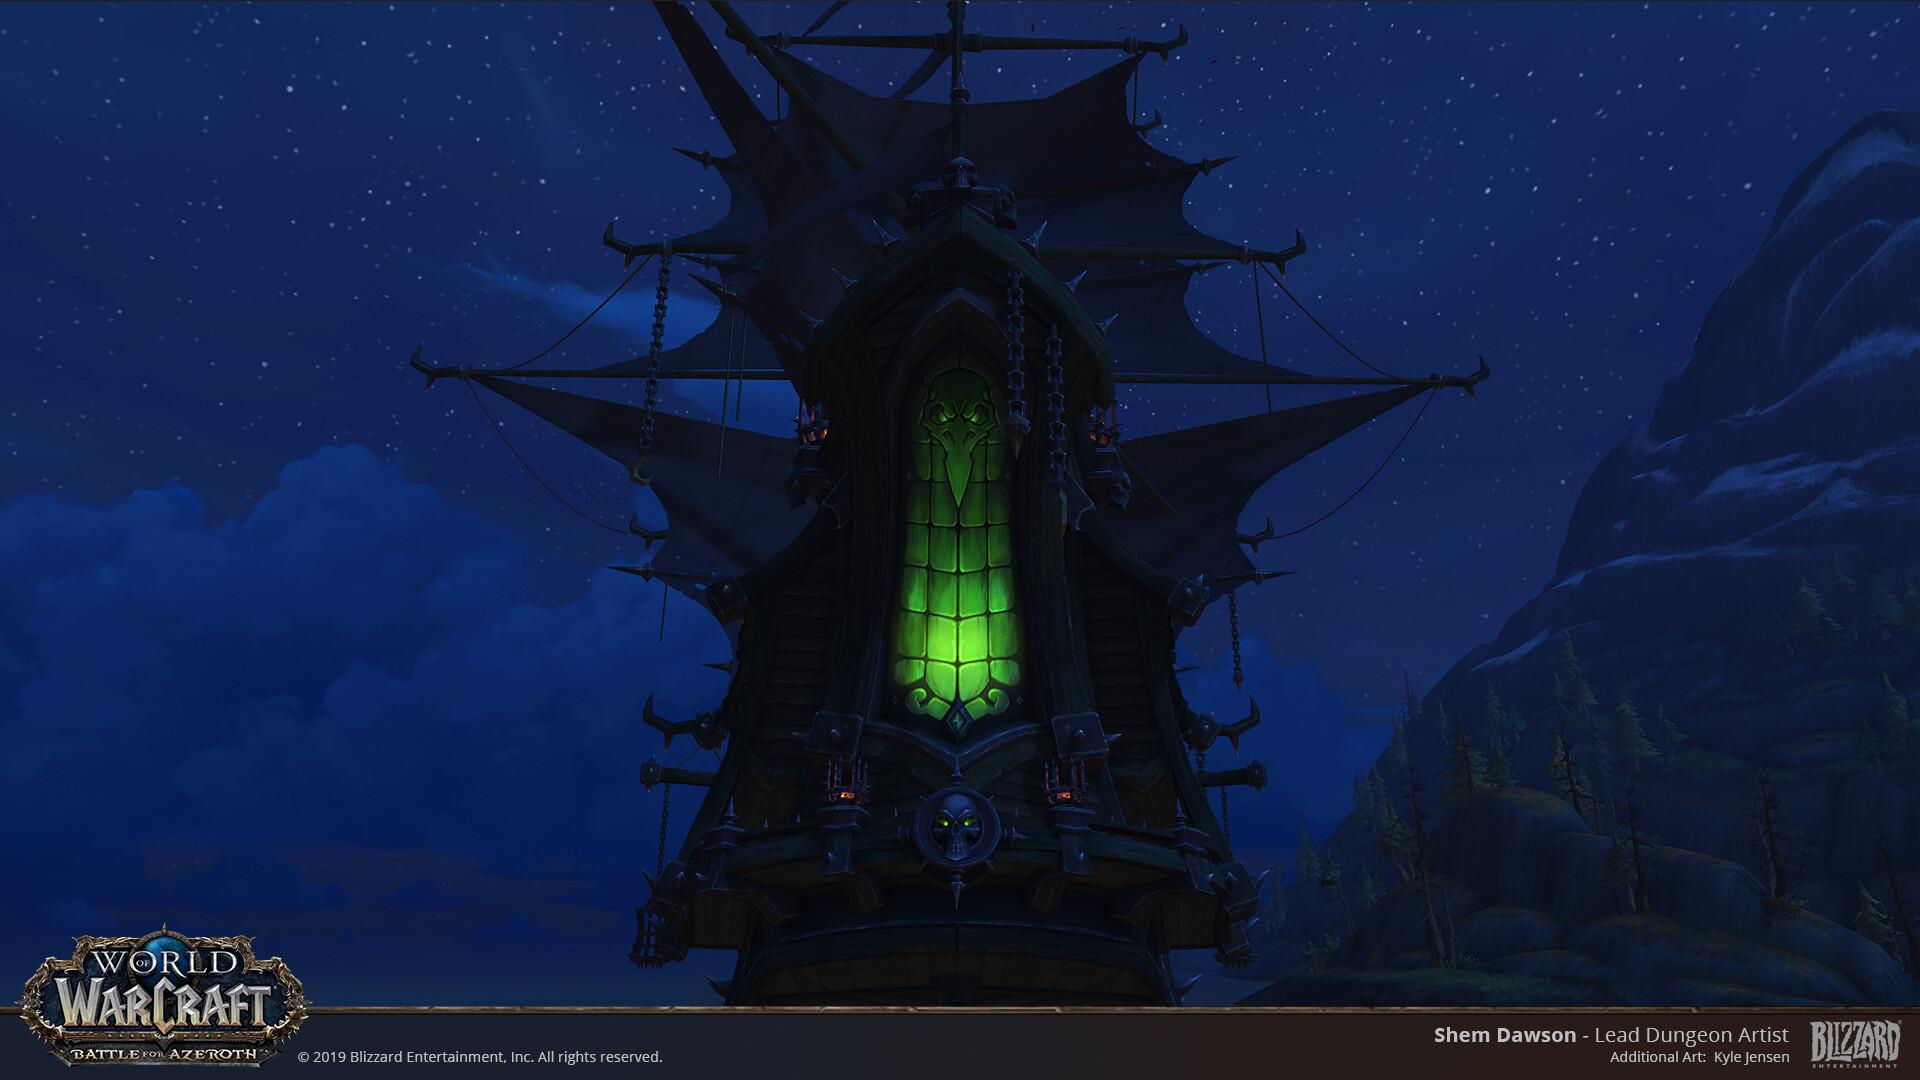 Shem dawson forskaen ship image11